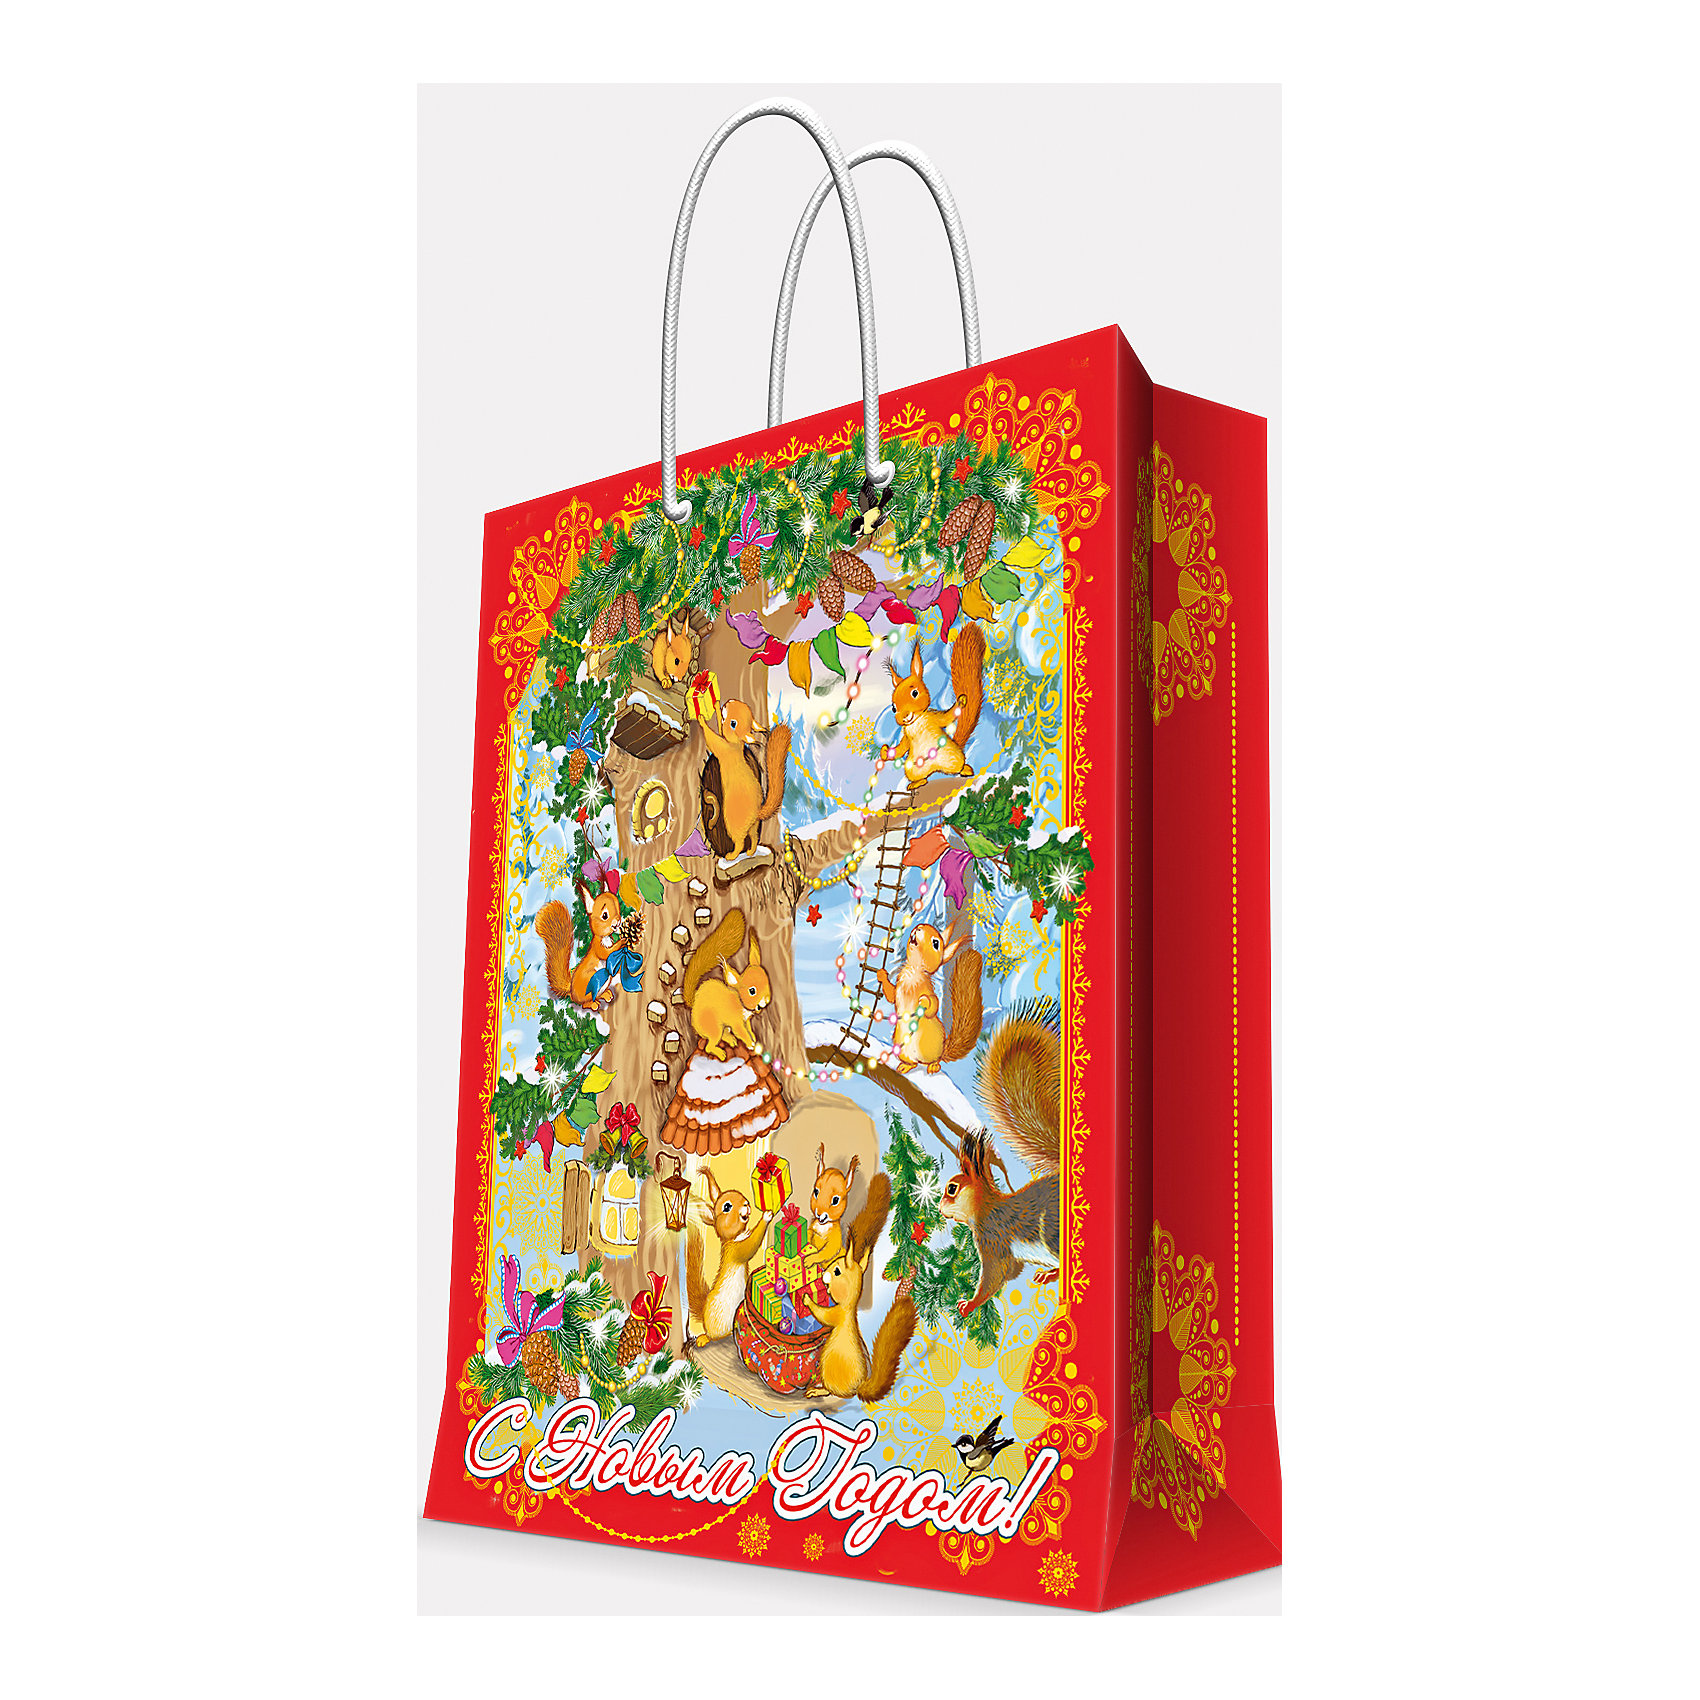 Подарочный пакет Белочки 33*45,7*10,2 смВсё для праздника<br>Предновогодние хлопоты многие любят даже больше самого праздника! Праздничное настроение создает украшенный дом, наряженная ёлка, запах мандаринов, предновогодняя суета и, конечно же, подарки! Чтобы сделать момент вручения приятнее, нужен красивый подарочный пакет.<br>Этот пакет украшен симпатичным универсальным рисунком, поэтому в него можно упаковать подарок и родственнику, и коллеге. Он сделан из безопасного для детей, прочного, но легкого, материала. Создайте с ним праздничное настроение себе и близким!<br><br>Дополнительная информация:<br><br>плотность бумаги: 140 г/м2;<br>размер: 33 х 46 х 10 см;<br>с ламинацией;<br>украшен рисунком.<br><br>Подарочный пакет Белочки 33*45,7*10,2 см можно купить в нашем магазине.<br><br>Ширина мм: 330<br>Глубина мм: 457<br>Высота мм: 102<br>Вес г: 87<br>Возраст от месяцев: 36<br>Возраст до месяцев: 2147483647<br>Пол: Унисекс<br>Возраст: Детский<br>SKU: 4981583